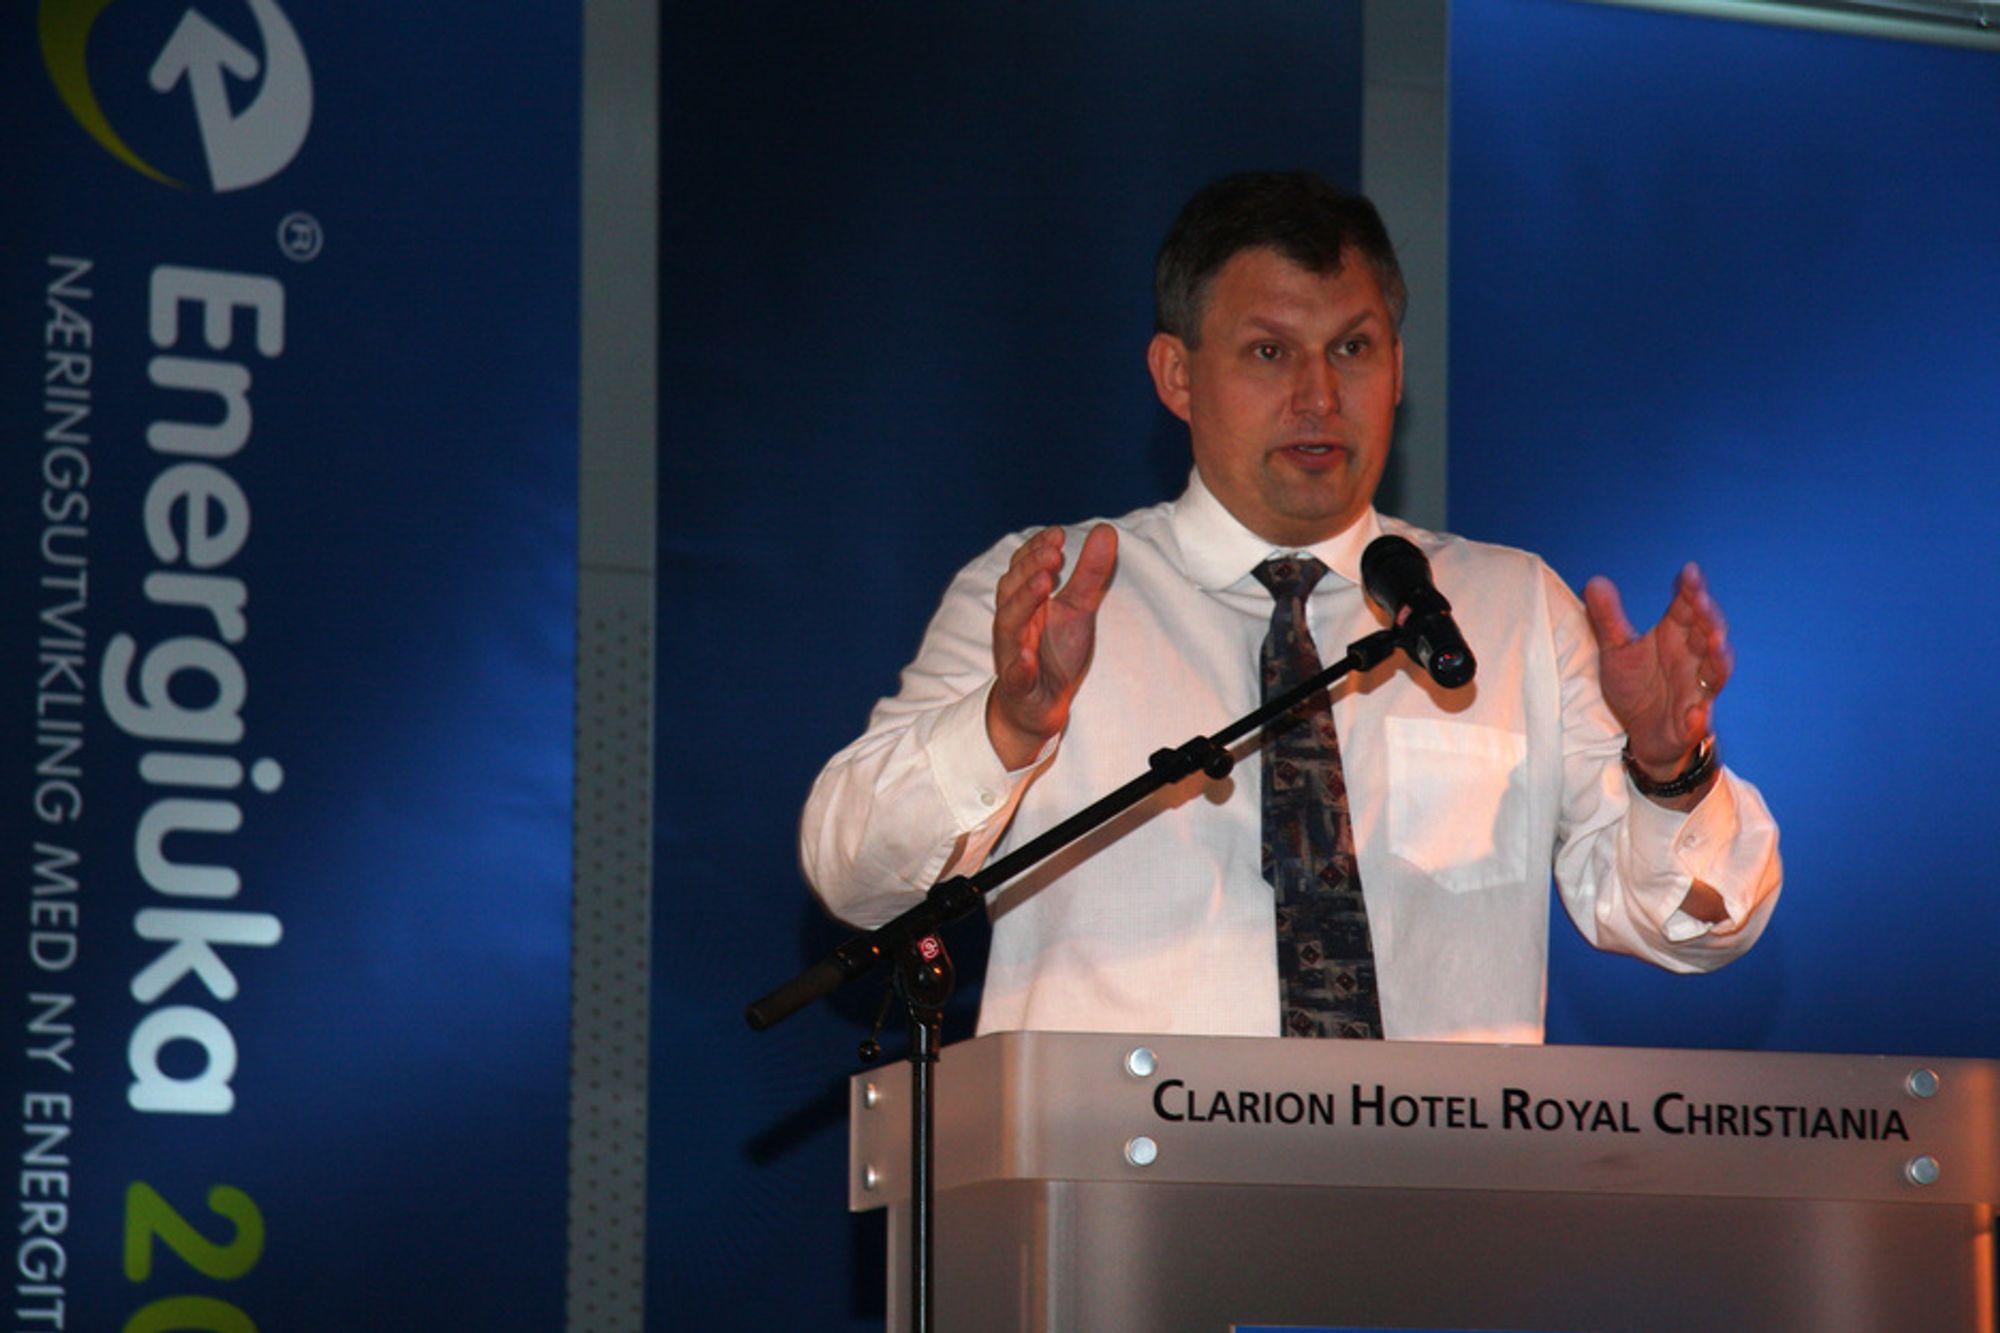 Olje- og energiminister Terje Riis-Johansen offentliggjorde i dag hvilke forskningssentre som får støtte fra staten.